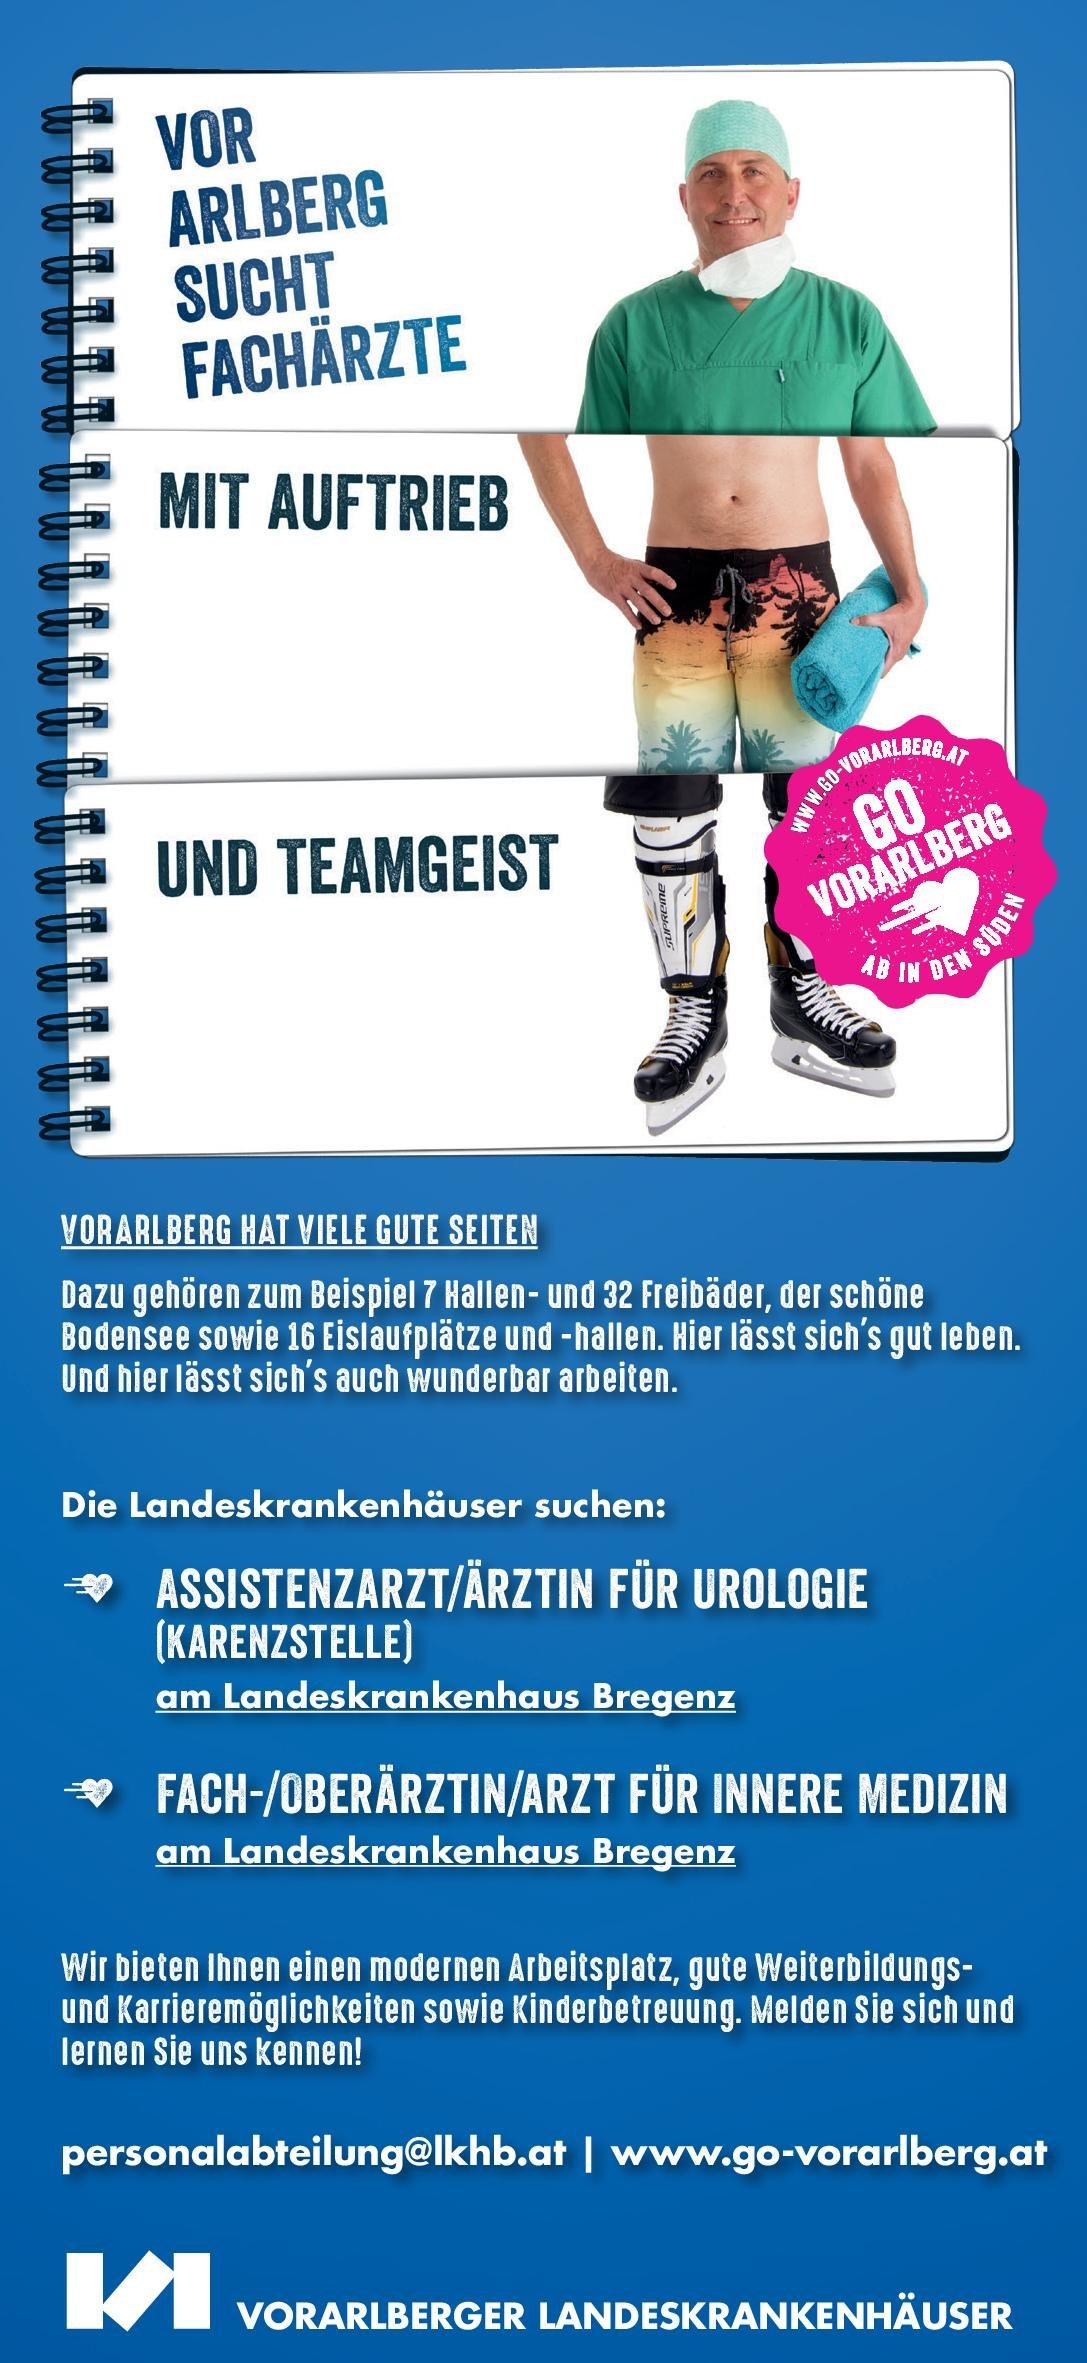 Landeskrankenhaus Bregenz Assistenzarzt/ärztin für Urologie (Karenzstelle) Urologie Assistenzarzt / Arzt in Weiterbildung